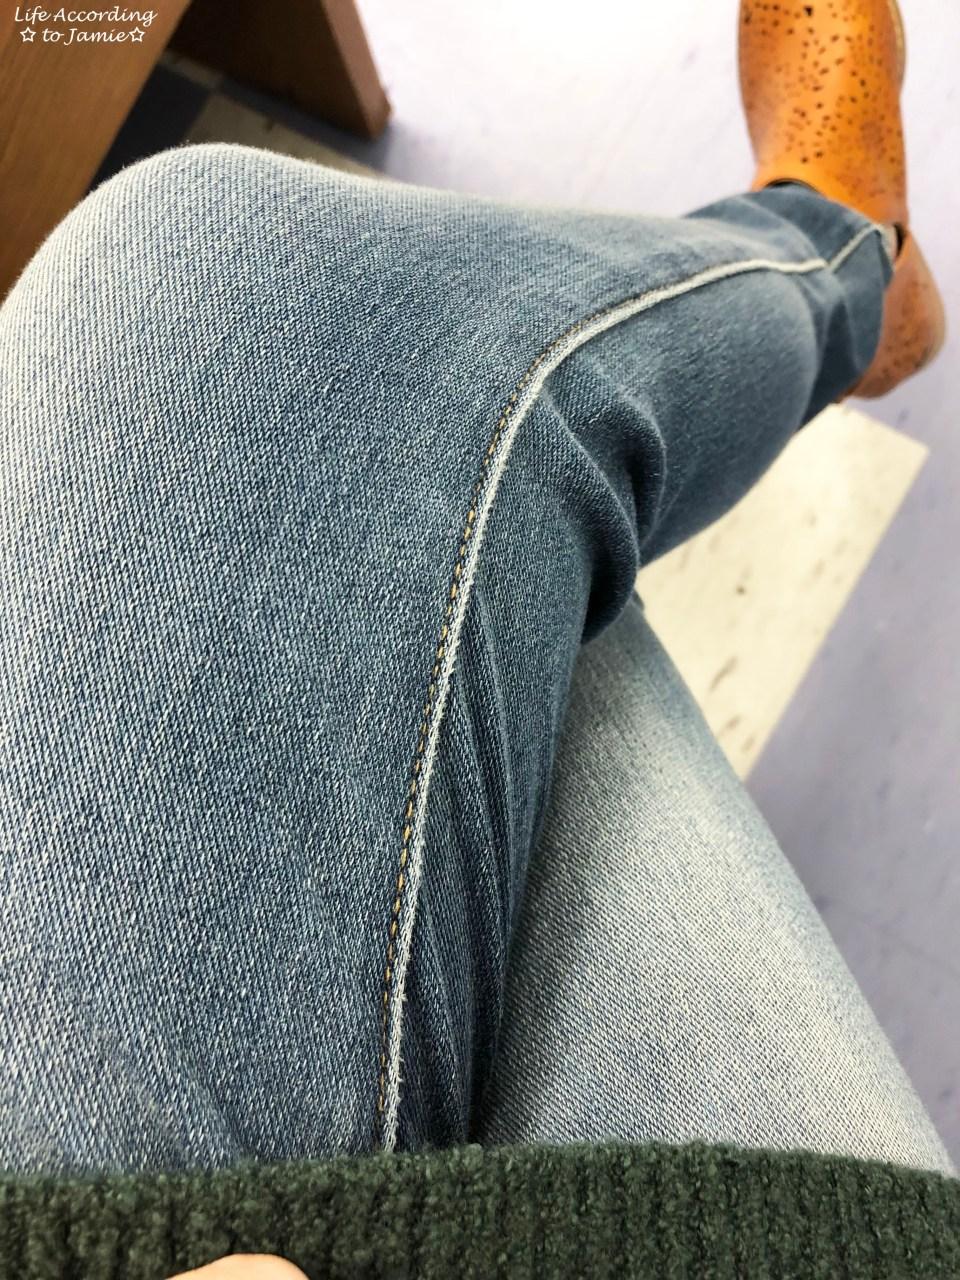 Rockstar 24-7 Jeans